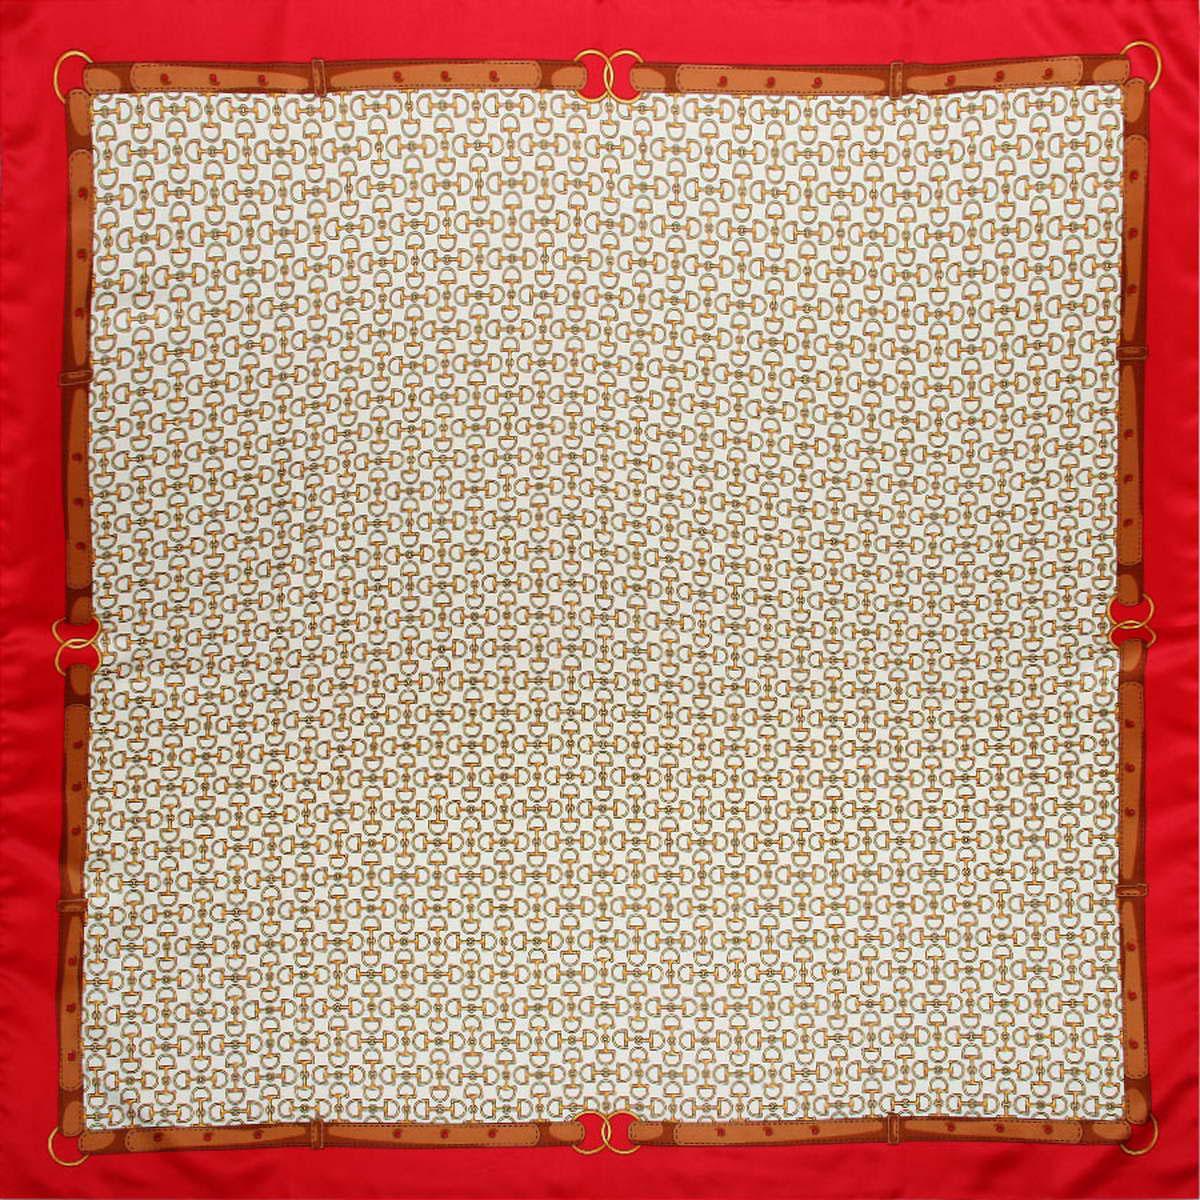 Платок женский Venera, цвет: красный, бежевый. 3914683-1. Размер 90 см х 90 см3914683-1Стильный женский платок Venera станет великолепным завершением любого наряда. Платок изготовлен из полиэстера. Анималистический принт добавляет нотку экзотичности в образ, а рисунок ремешков завораживает оригинальностью.Классическая квадратная форма позволяет носить платок на шее, украшать им прическу или декорировать сумочку. Легкий и приятный на ощупь платок поможет вам создать изысканный женственный образ. Такой платок превосходно дополнит любой наряд и подчеркнет ваш неповторимый вкус и элегантность.